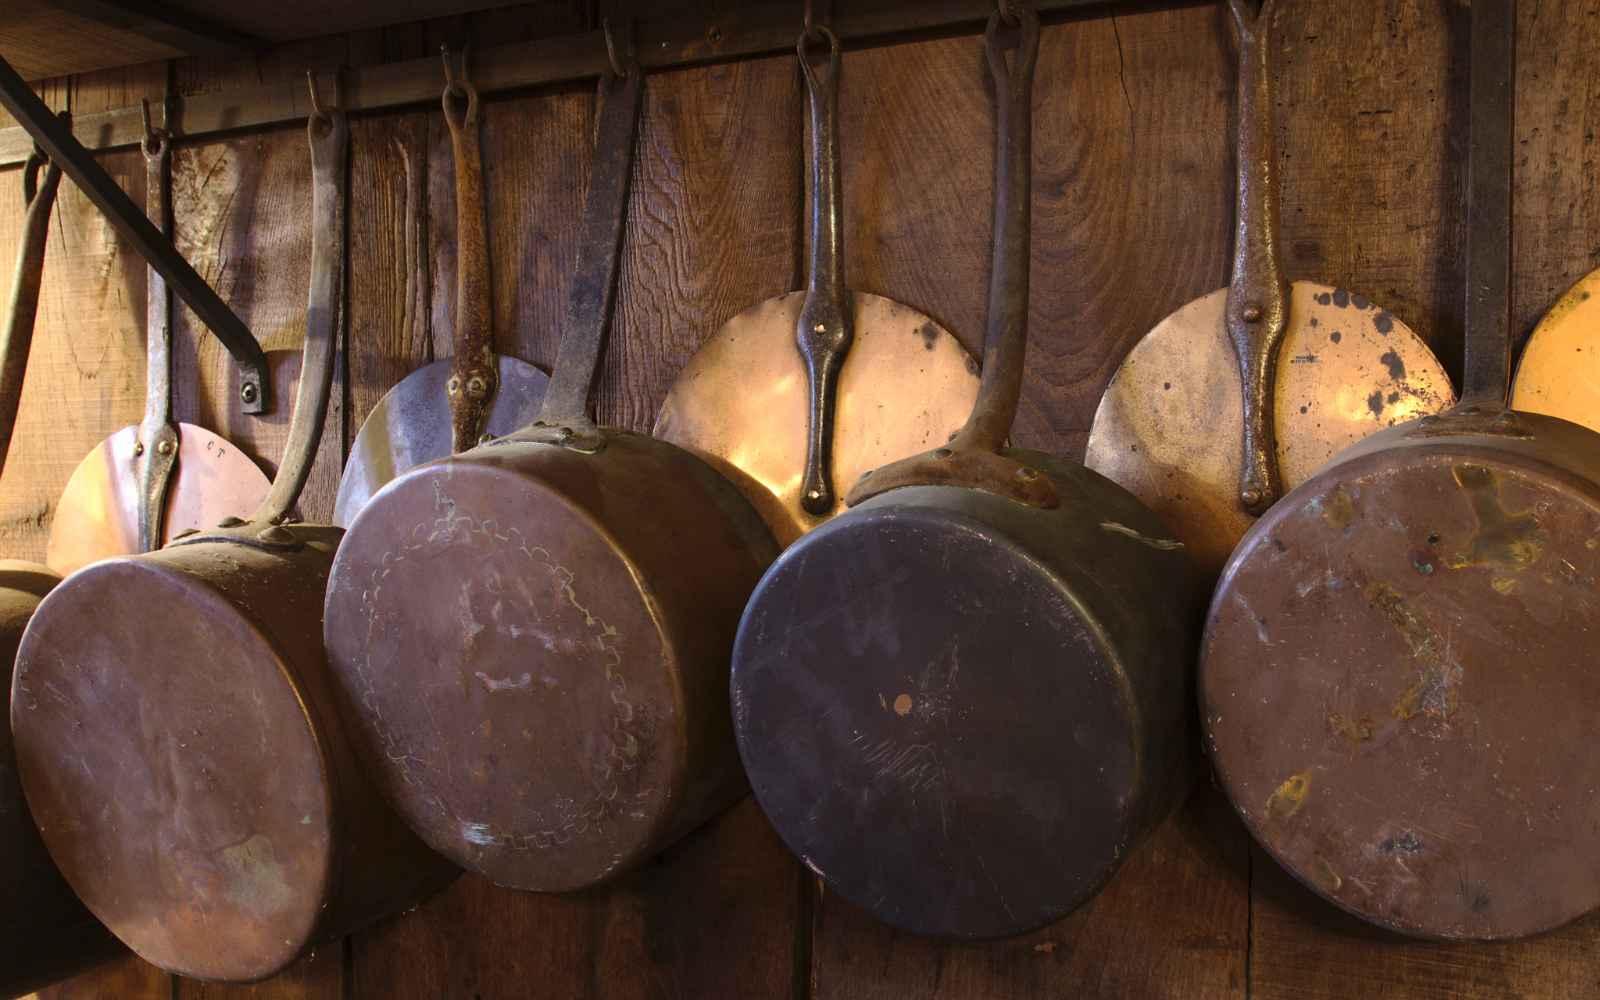 Copper pots and lids